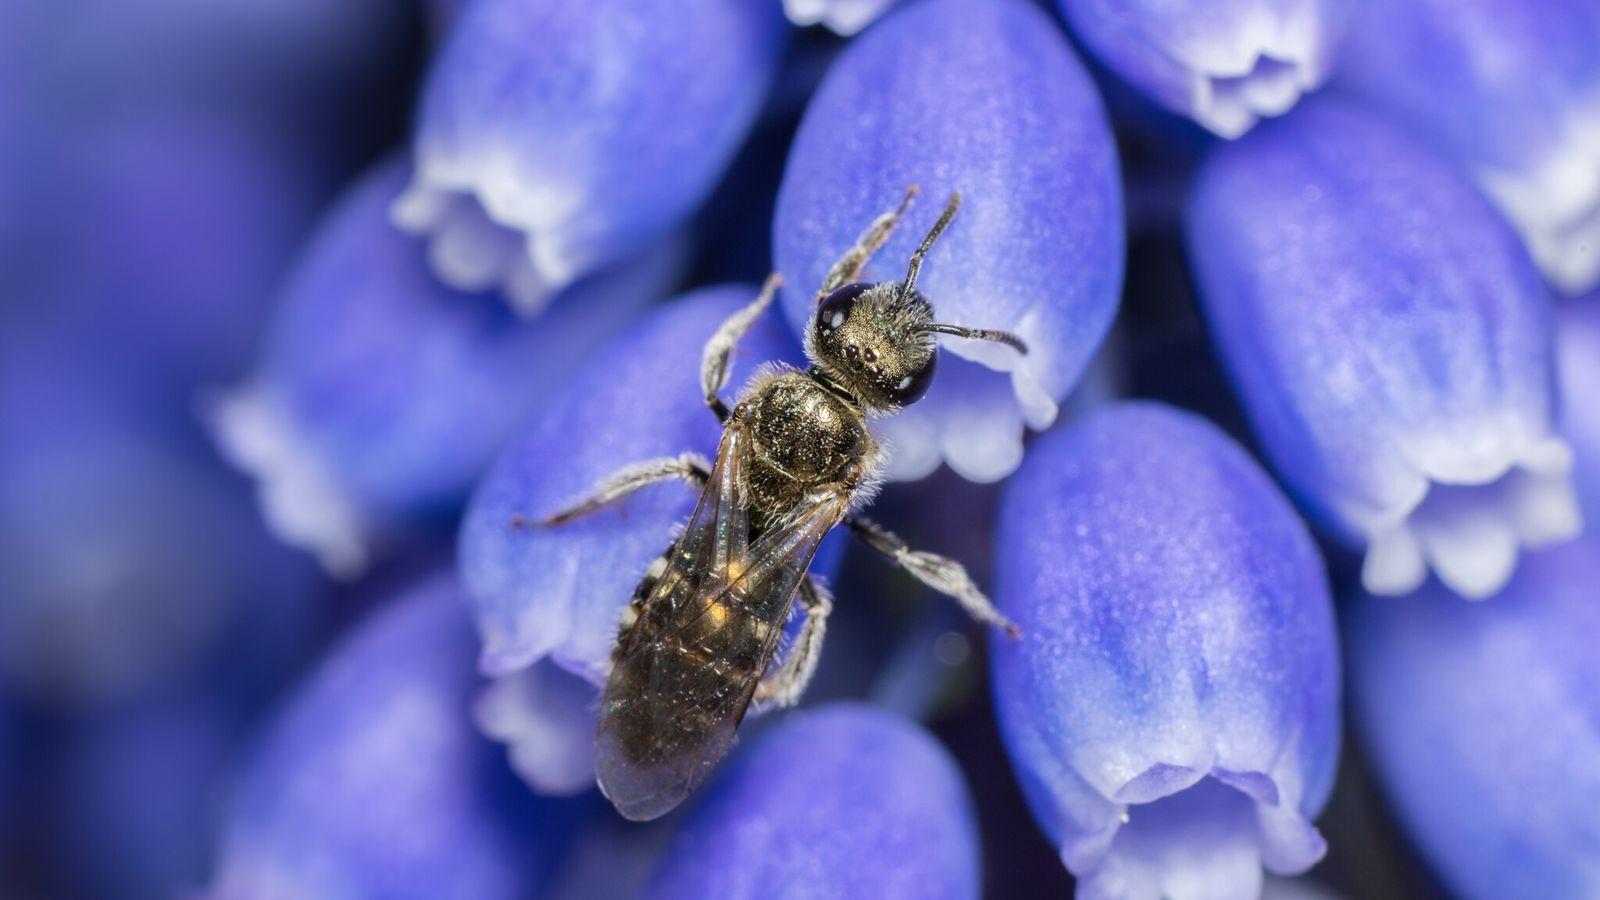 A abelha lasioglossum smeathmanellum de 4,5 milímetros de comprimento pertence à família Halictidae, também conhecida como ...